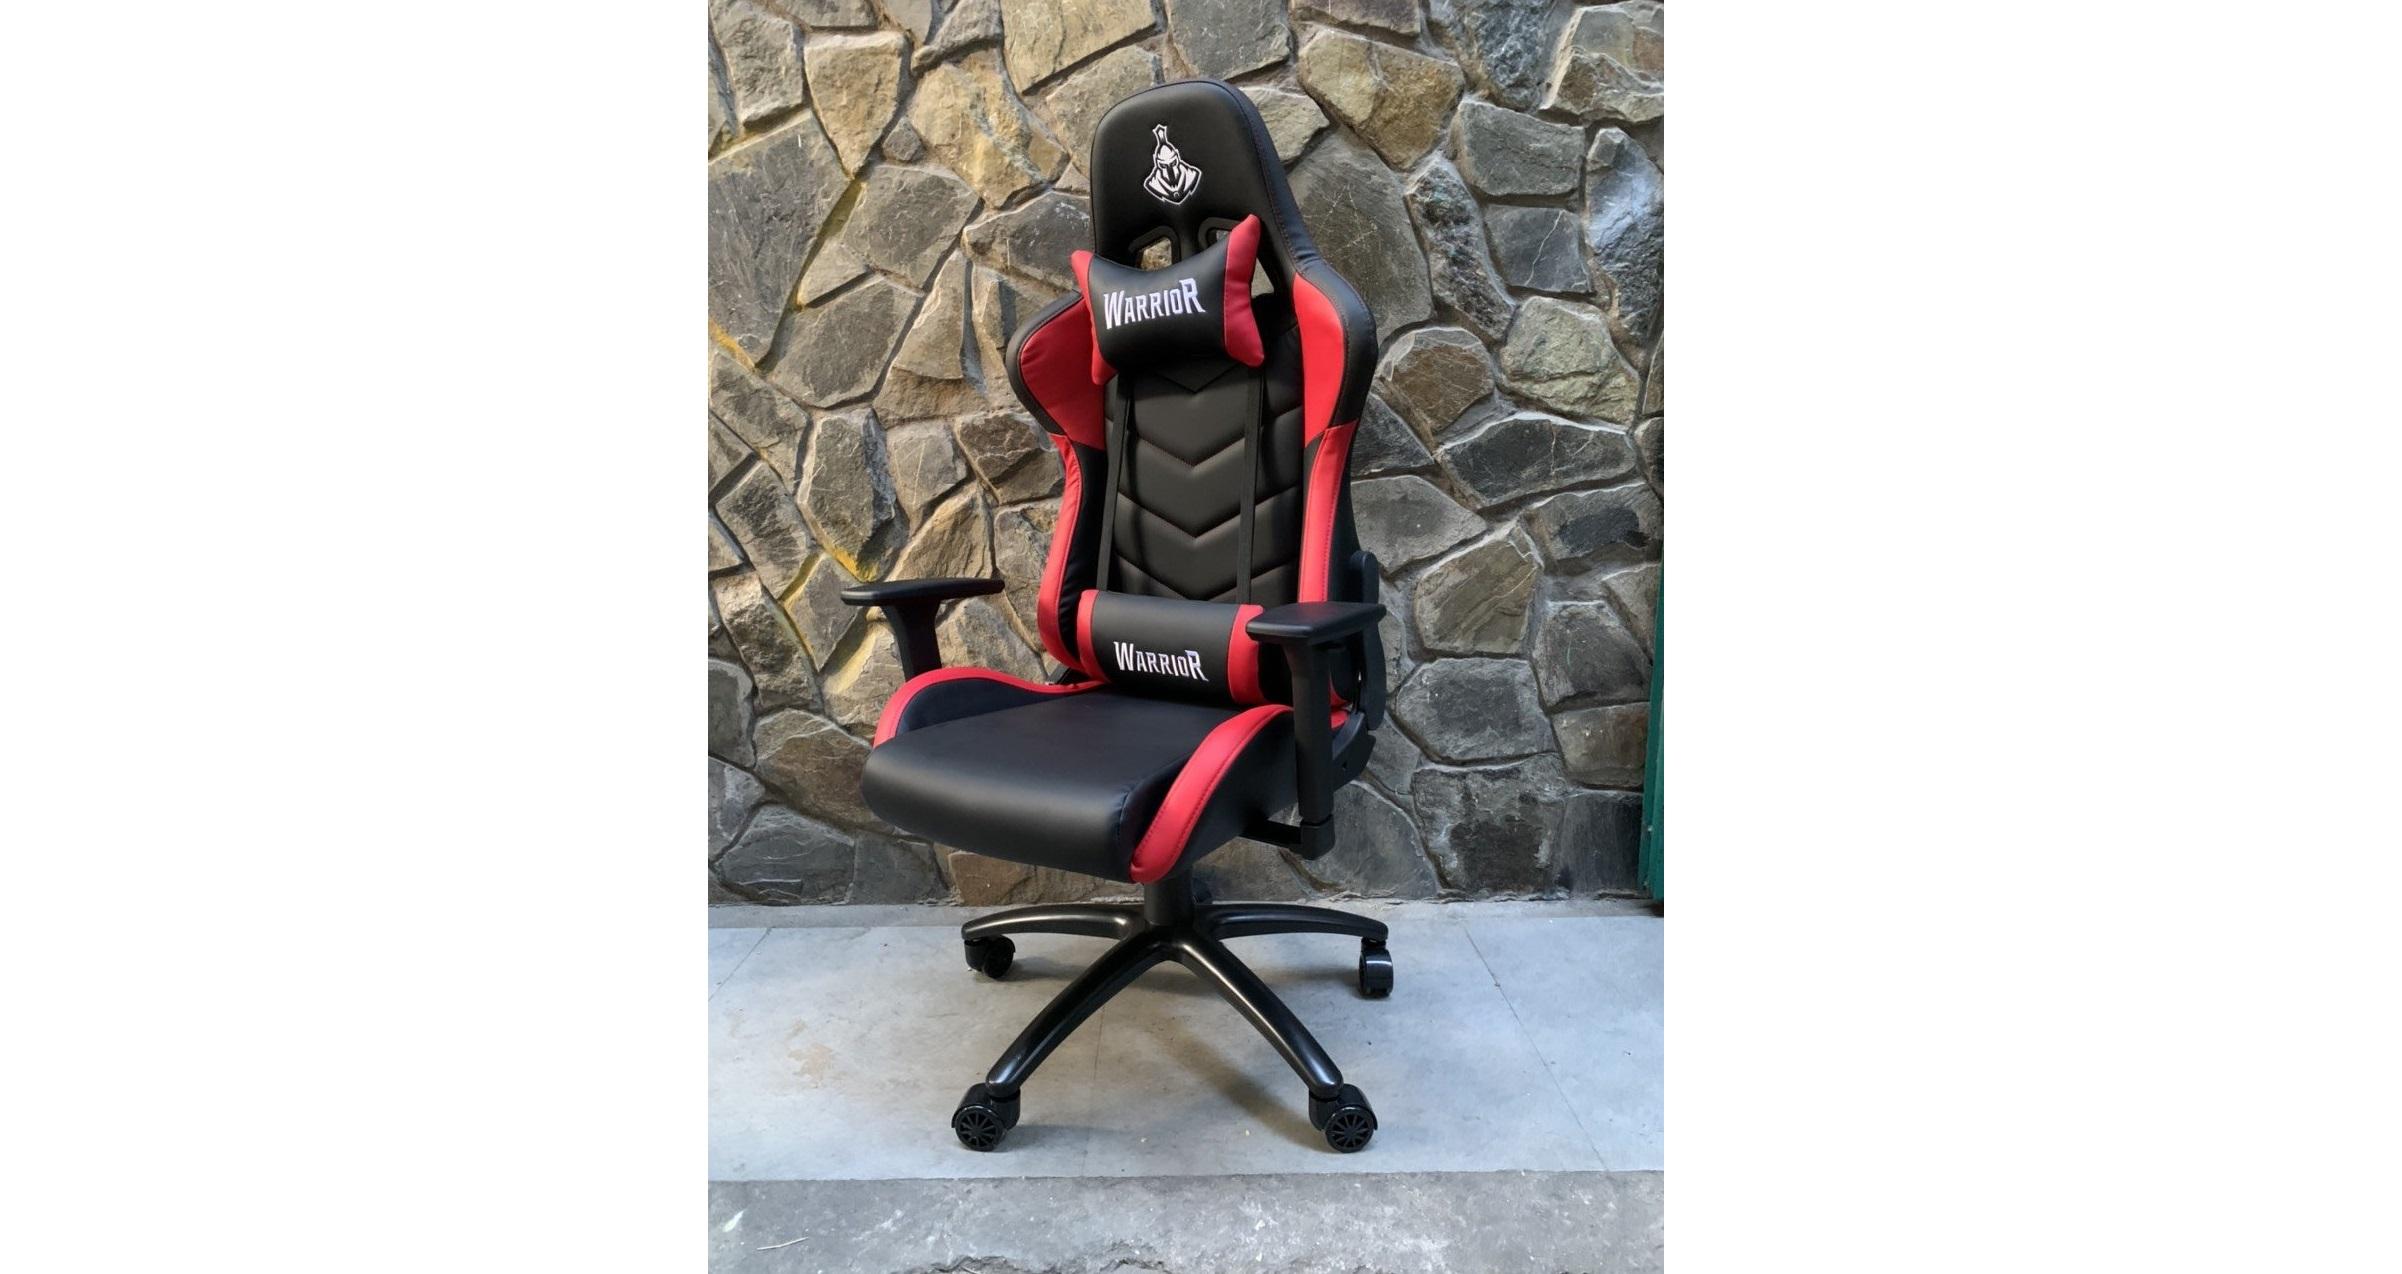 Ghế Gamer Warrior Raider Series Black/White (WGC206) có chân ghế với thiết kế làm giảm thiểu tiếng ồn